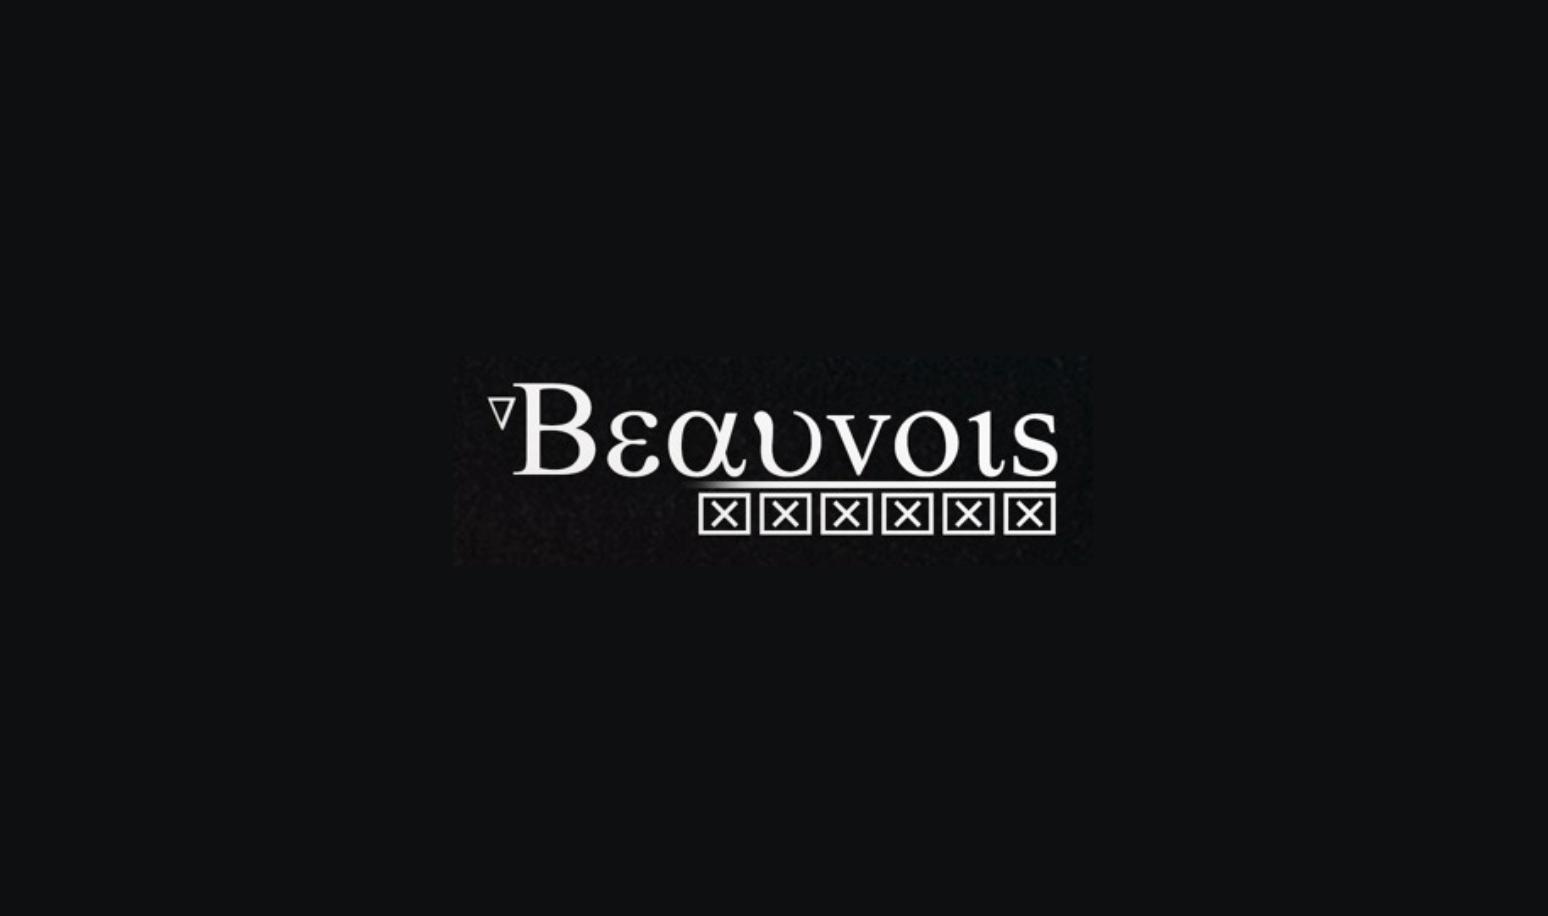 logo Beauvois EP Marks